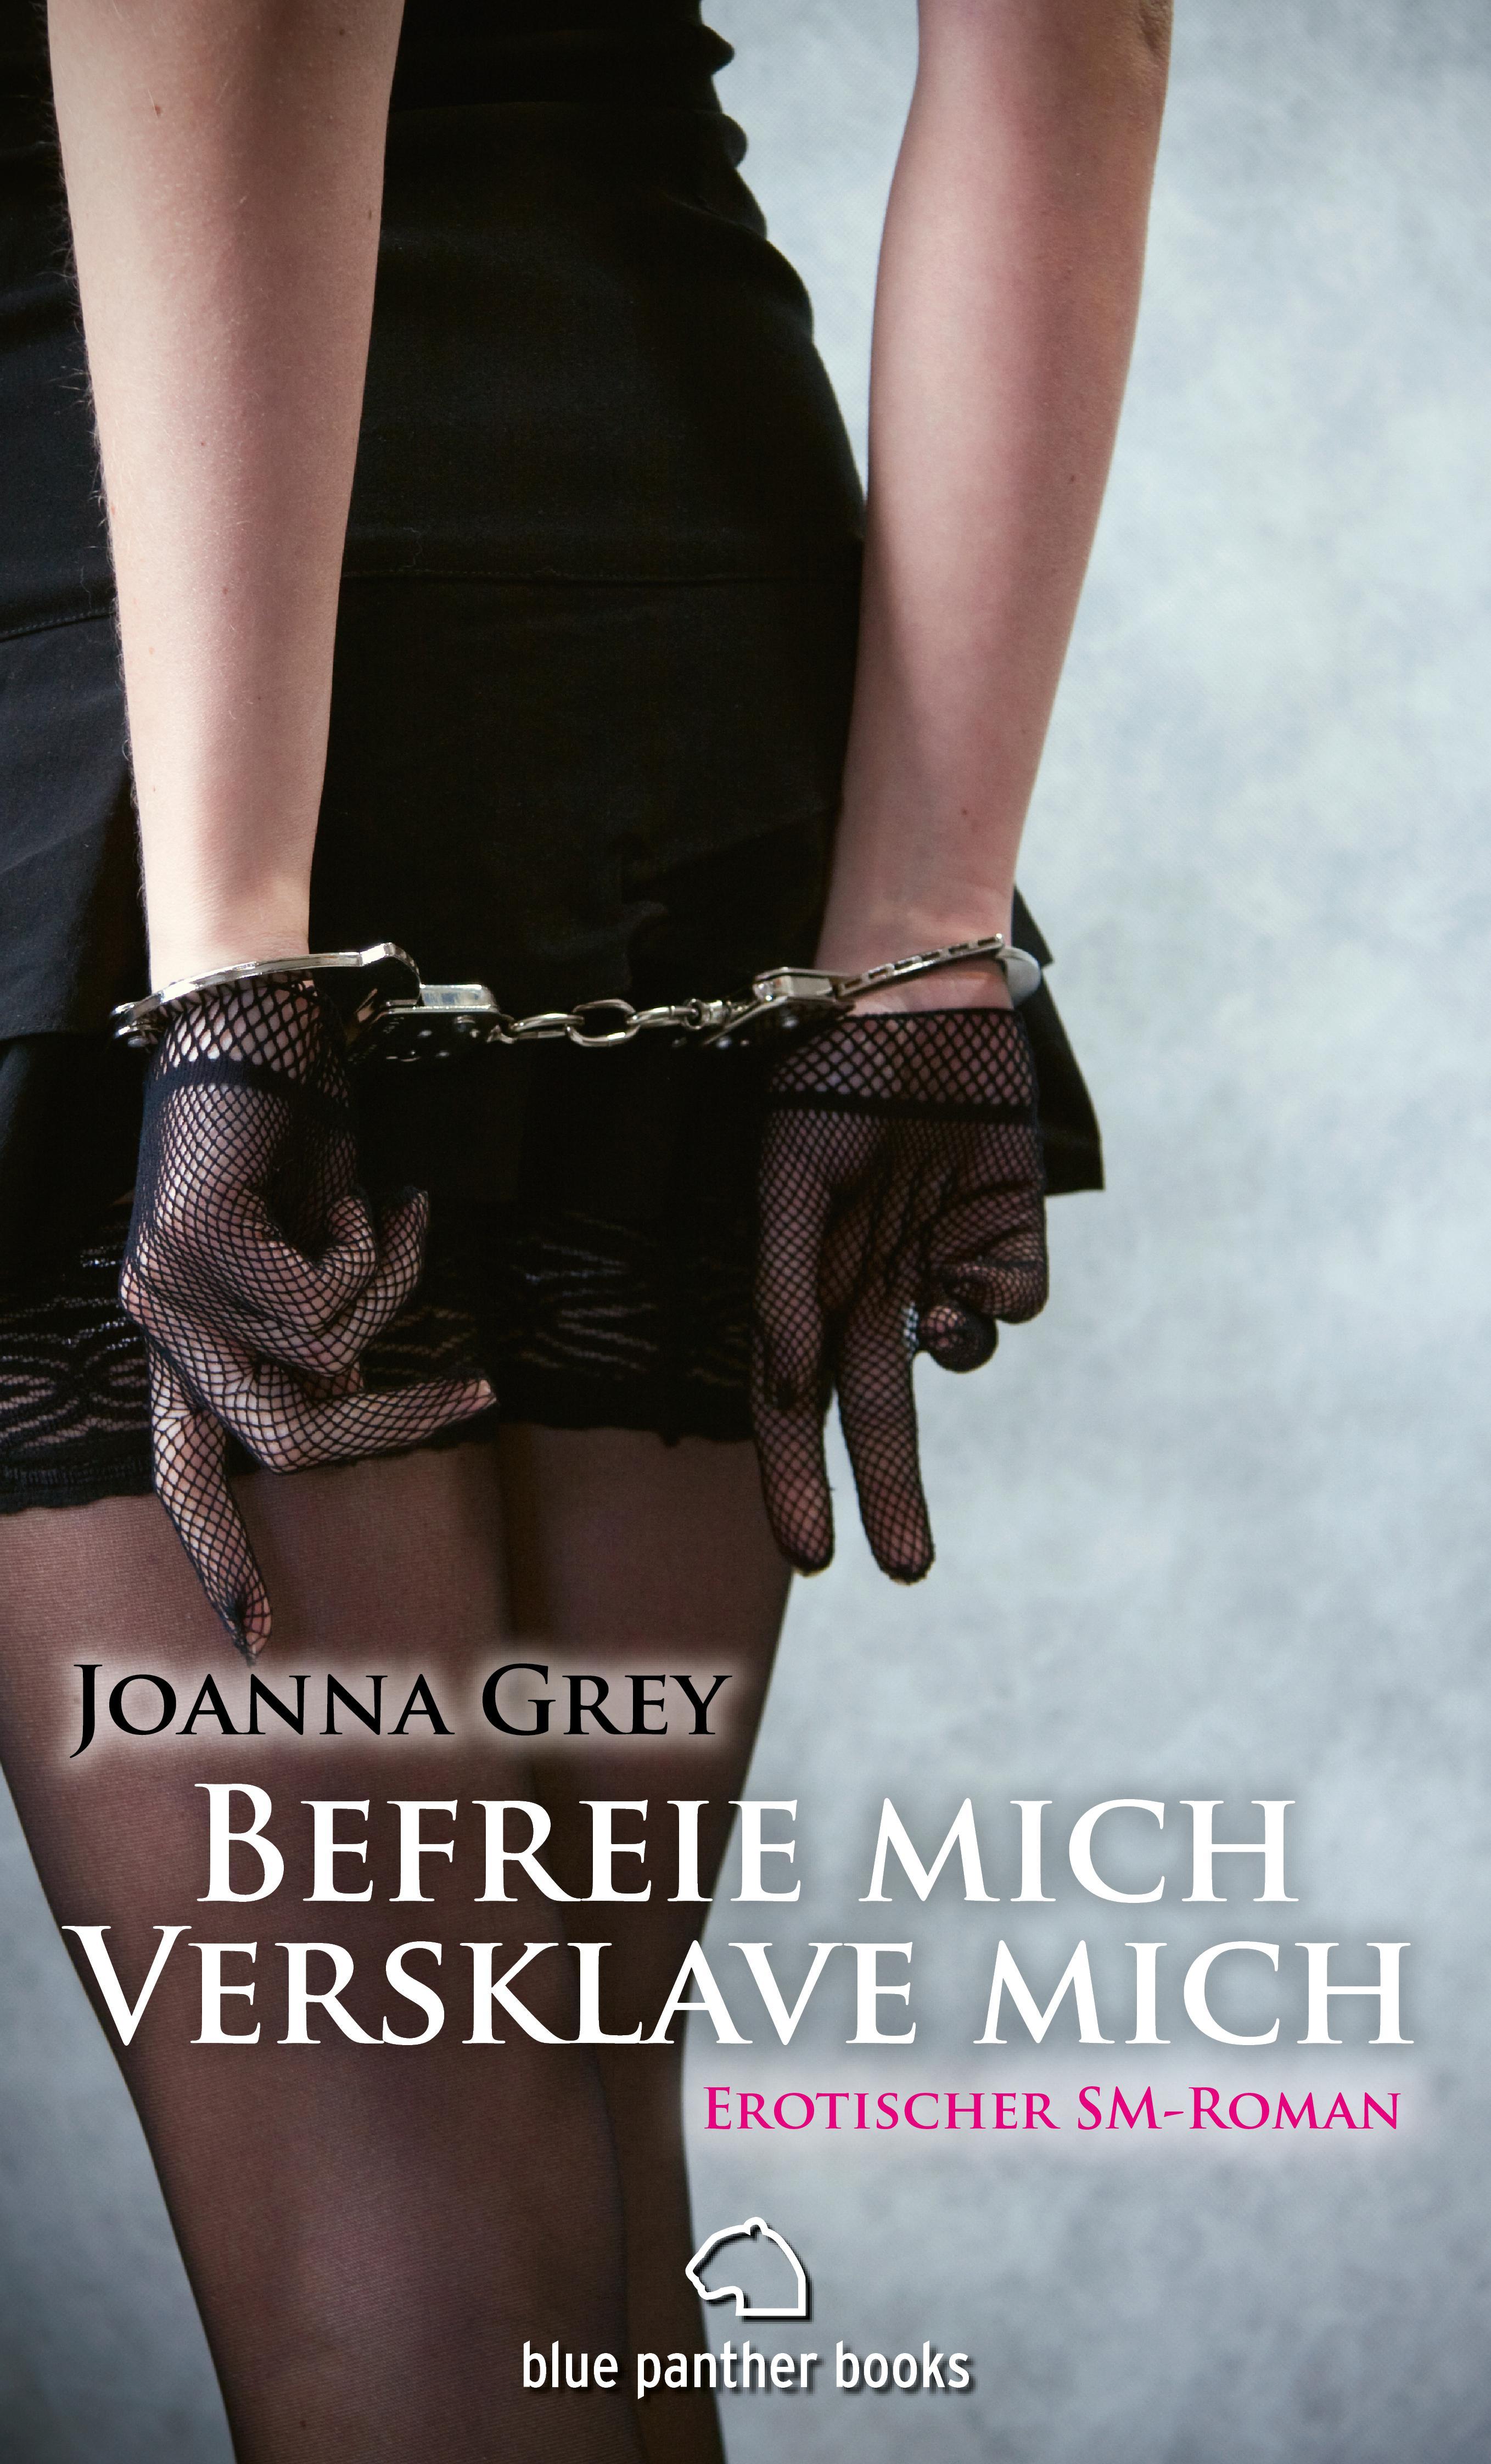 Joanna Grey Befreie mich, versklave mich   Erotischer SM-Roman franziska marr vertrauen und glaubwurdigkeit eine betrachtung nach niklas luhmann und katja gotsch